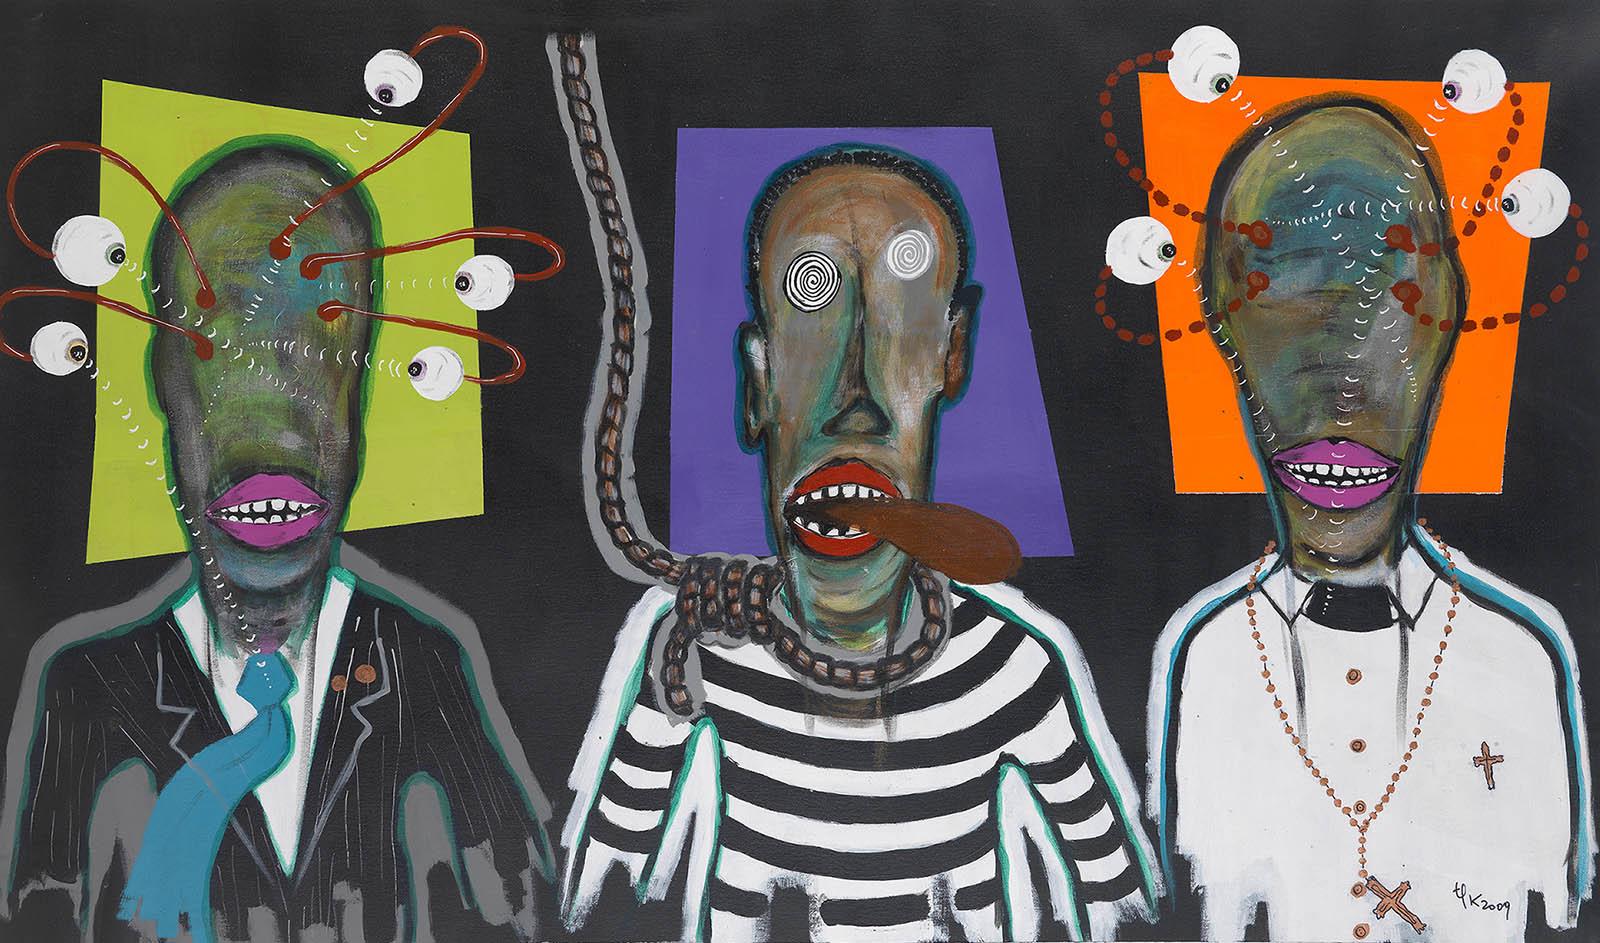 Pathy-Tshindele-Sans-titre-2009-Acrylique-sur-toile-104-x-174-cm-Photo-Kleinefenn